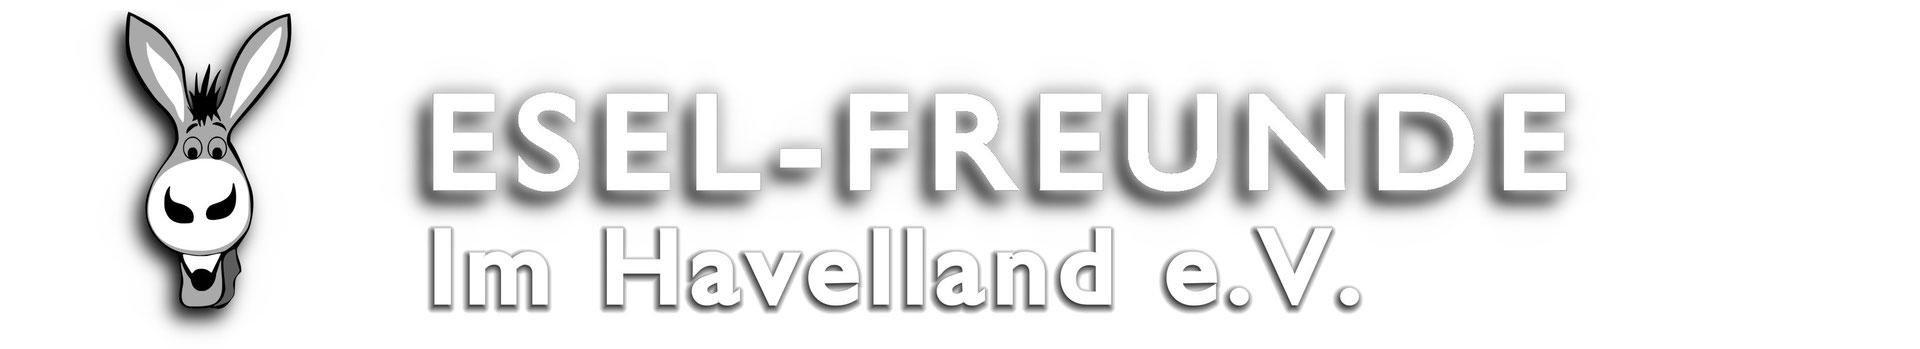 Esel-Workshop | Logo